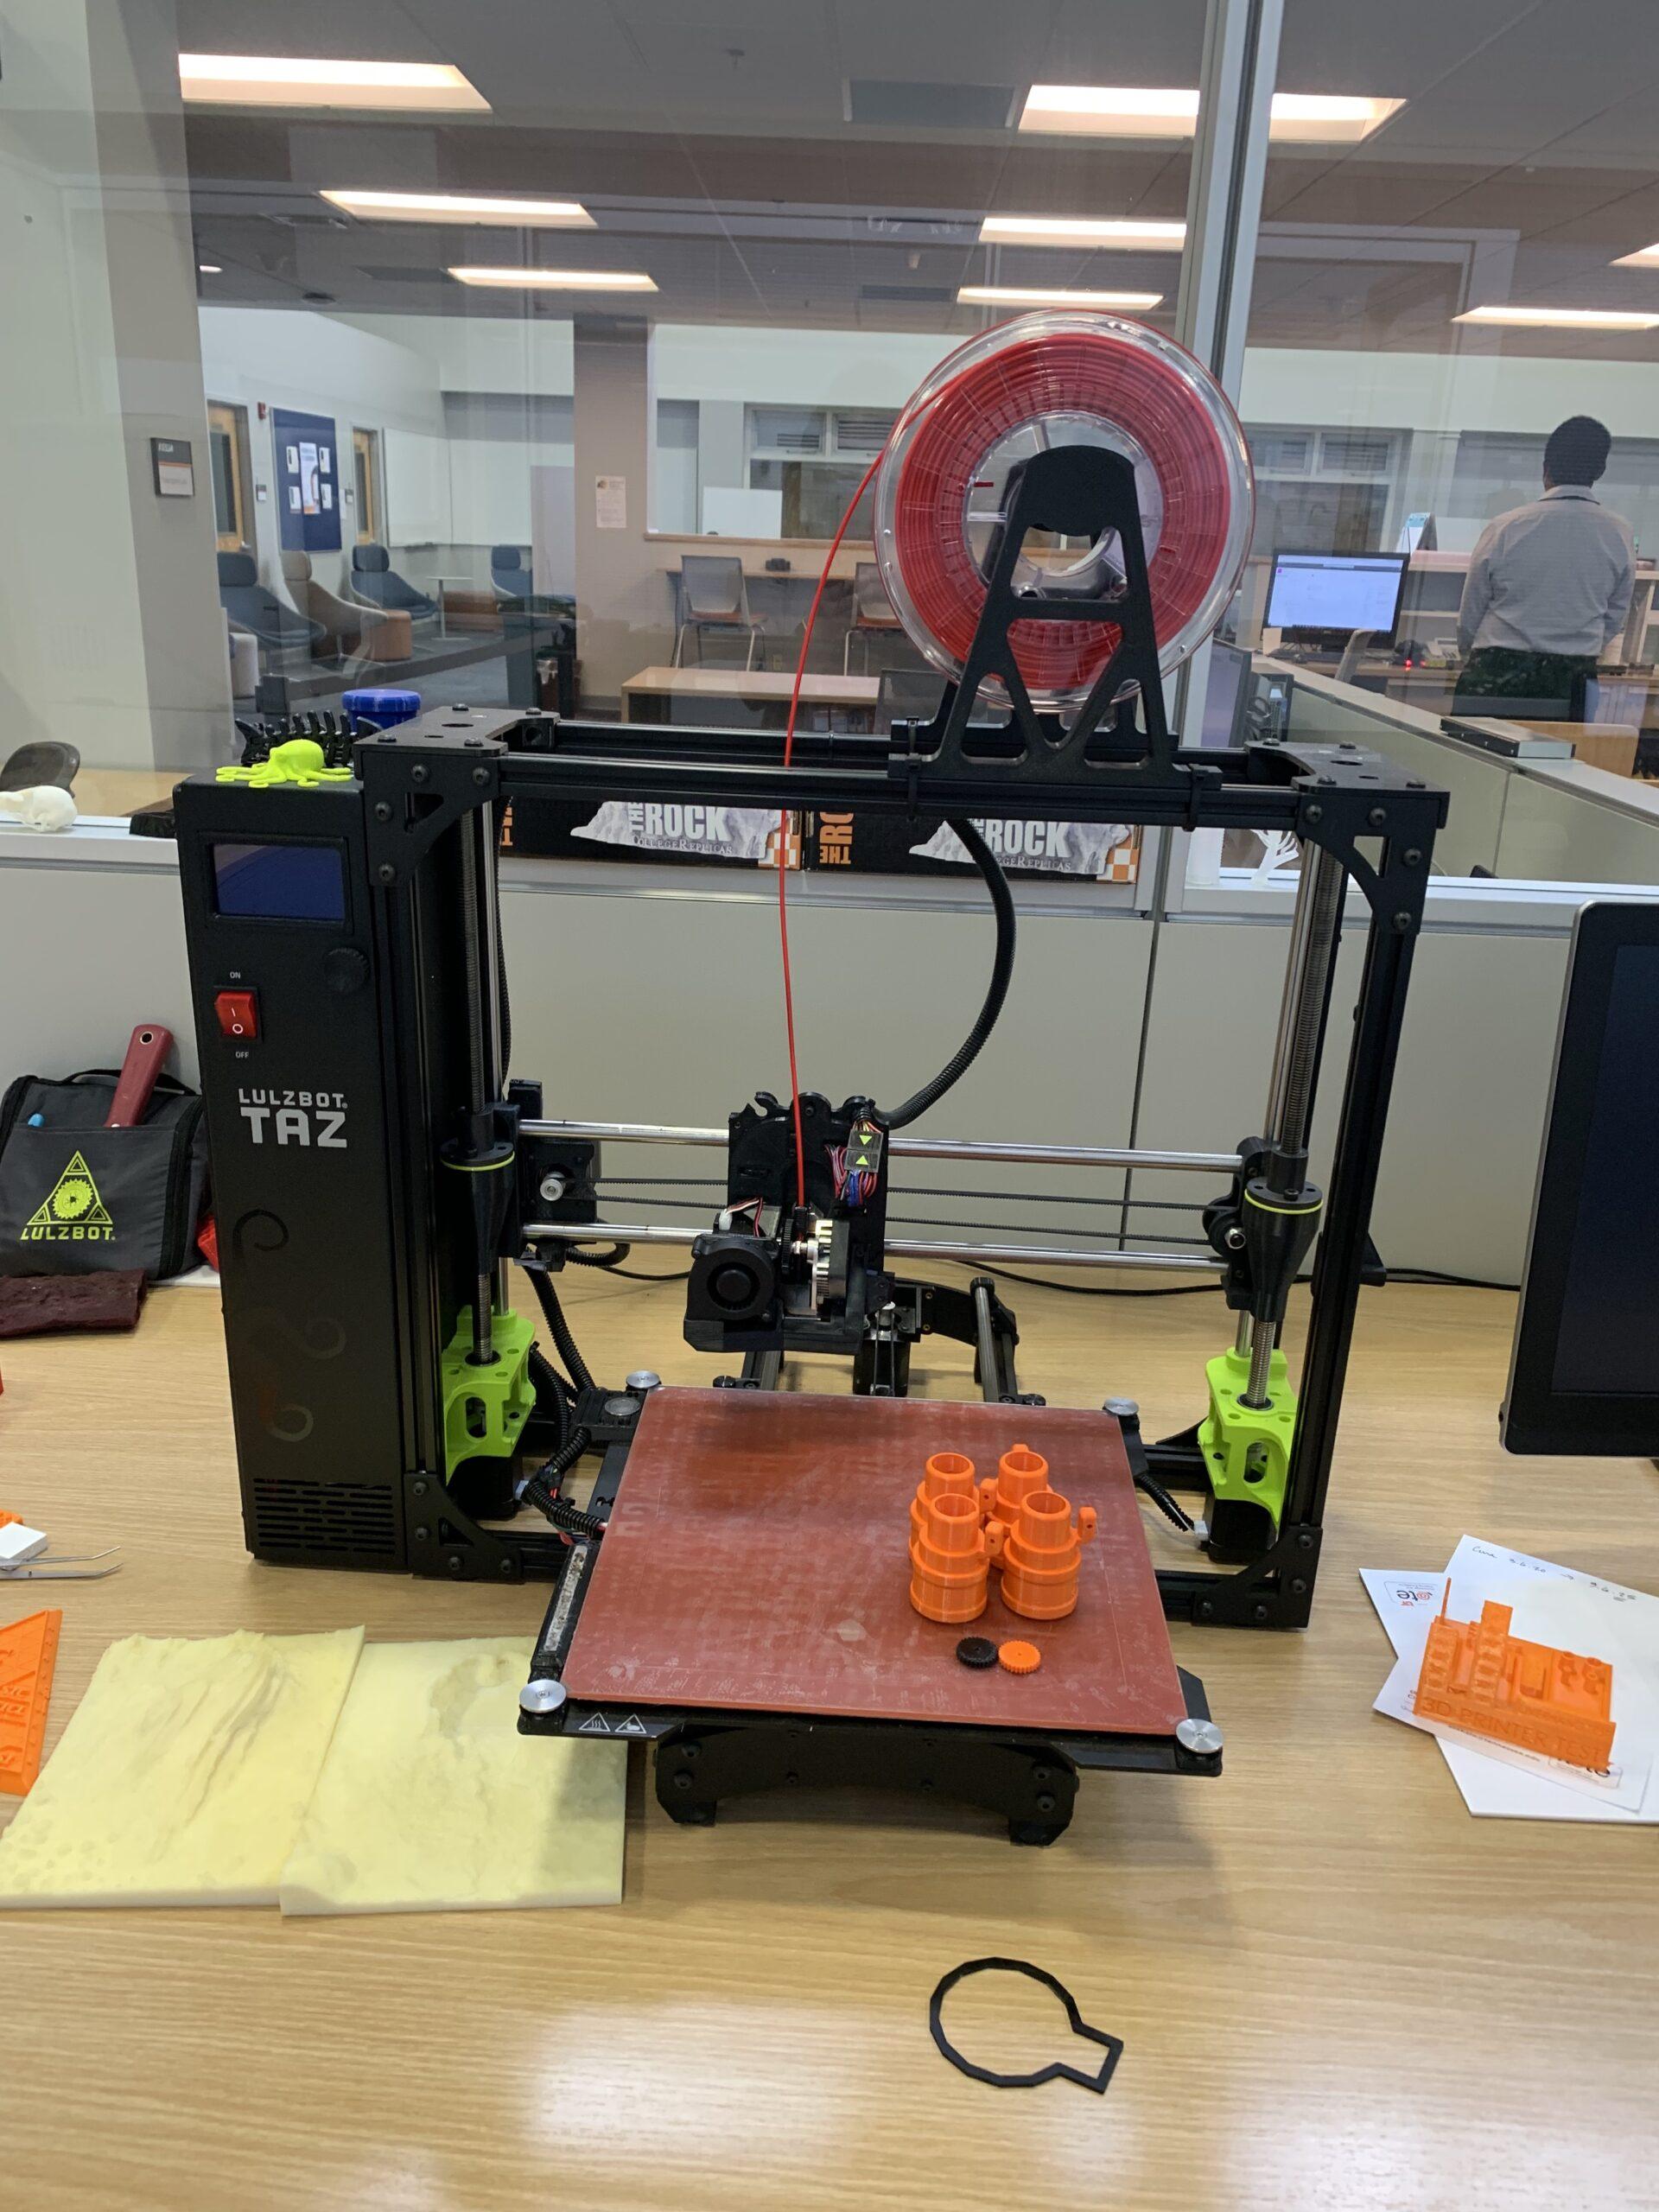 Lulzbot Taz6 Consumer Grade printer